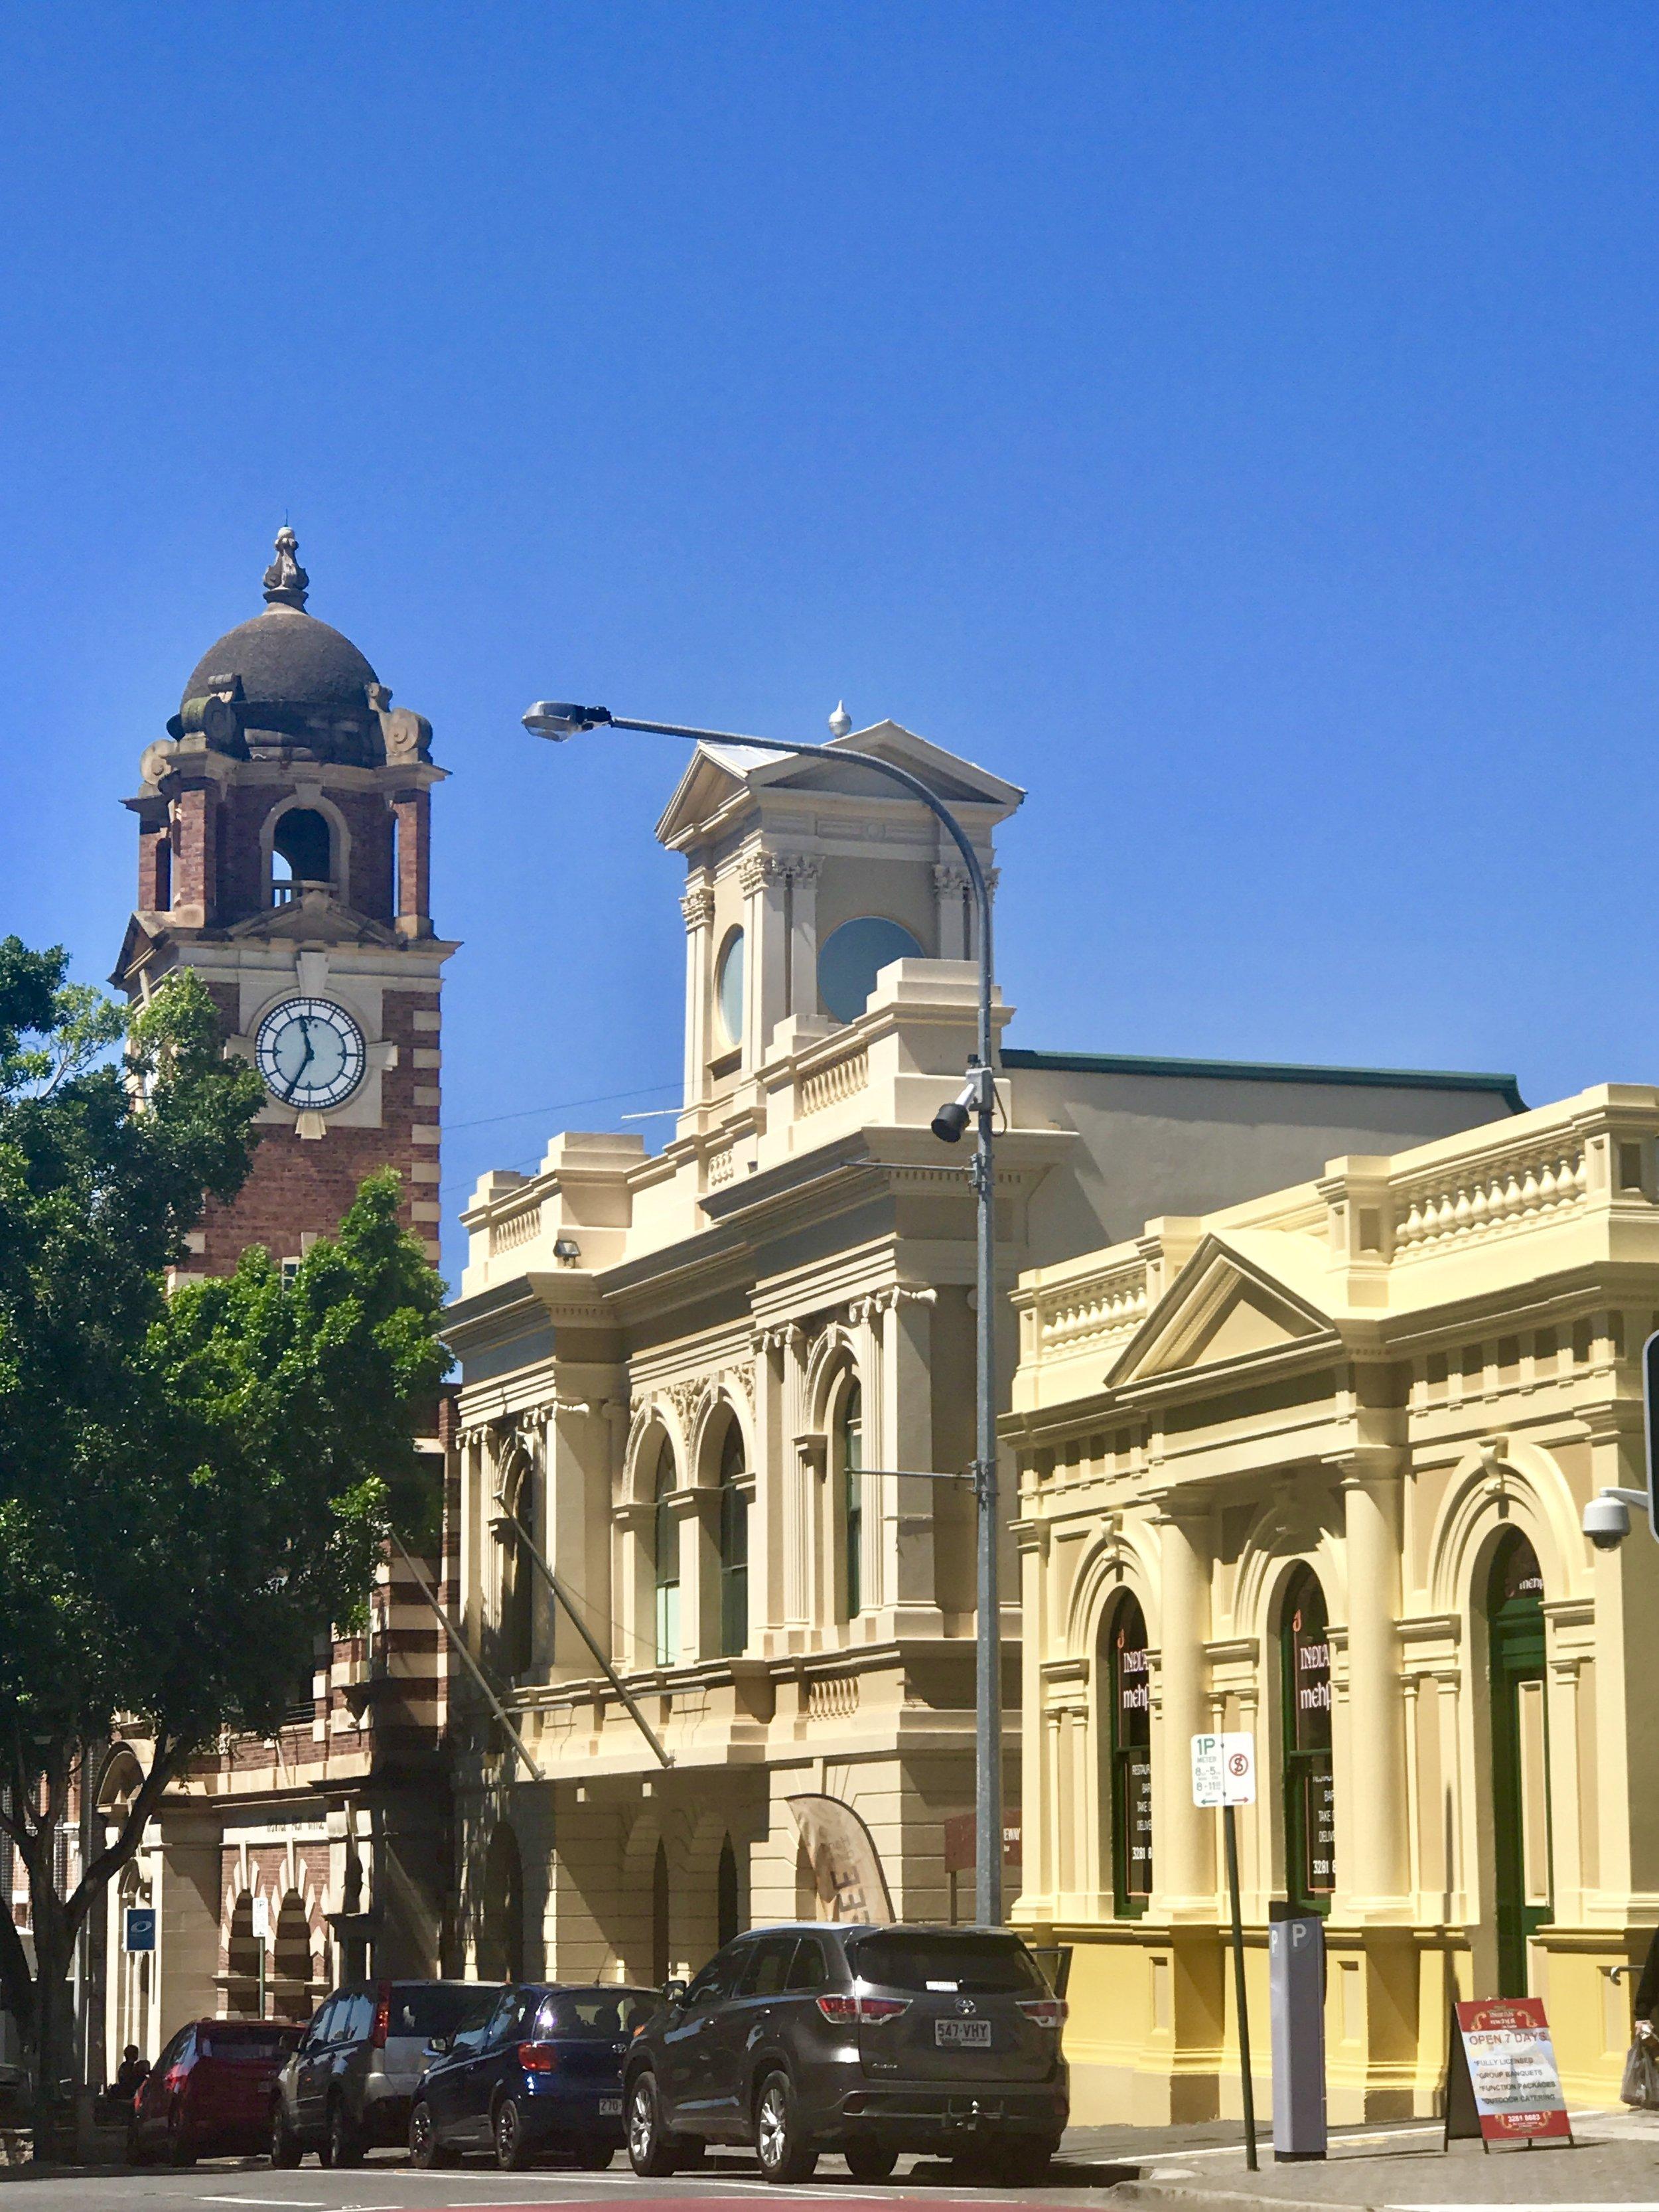 Brisbane Street heritage buildings